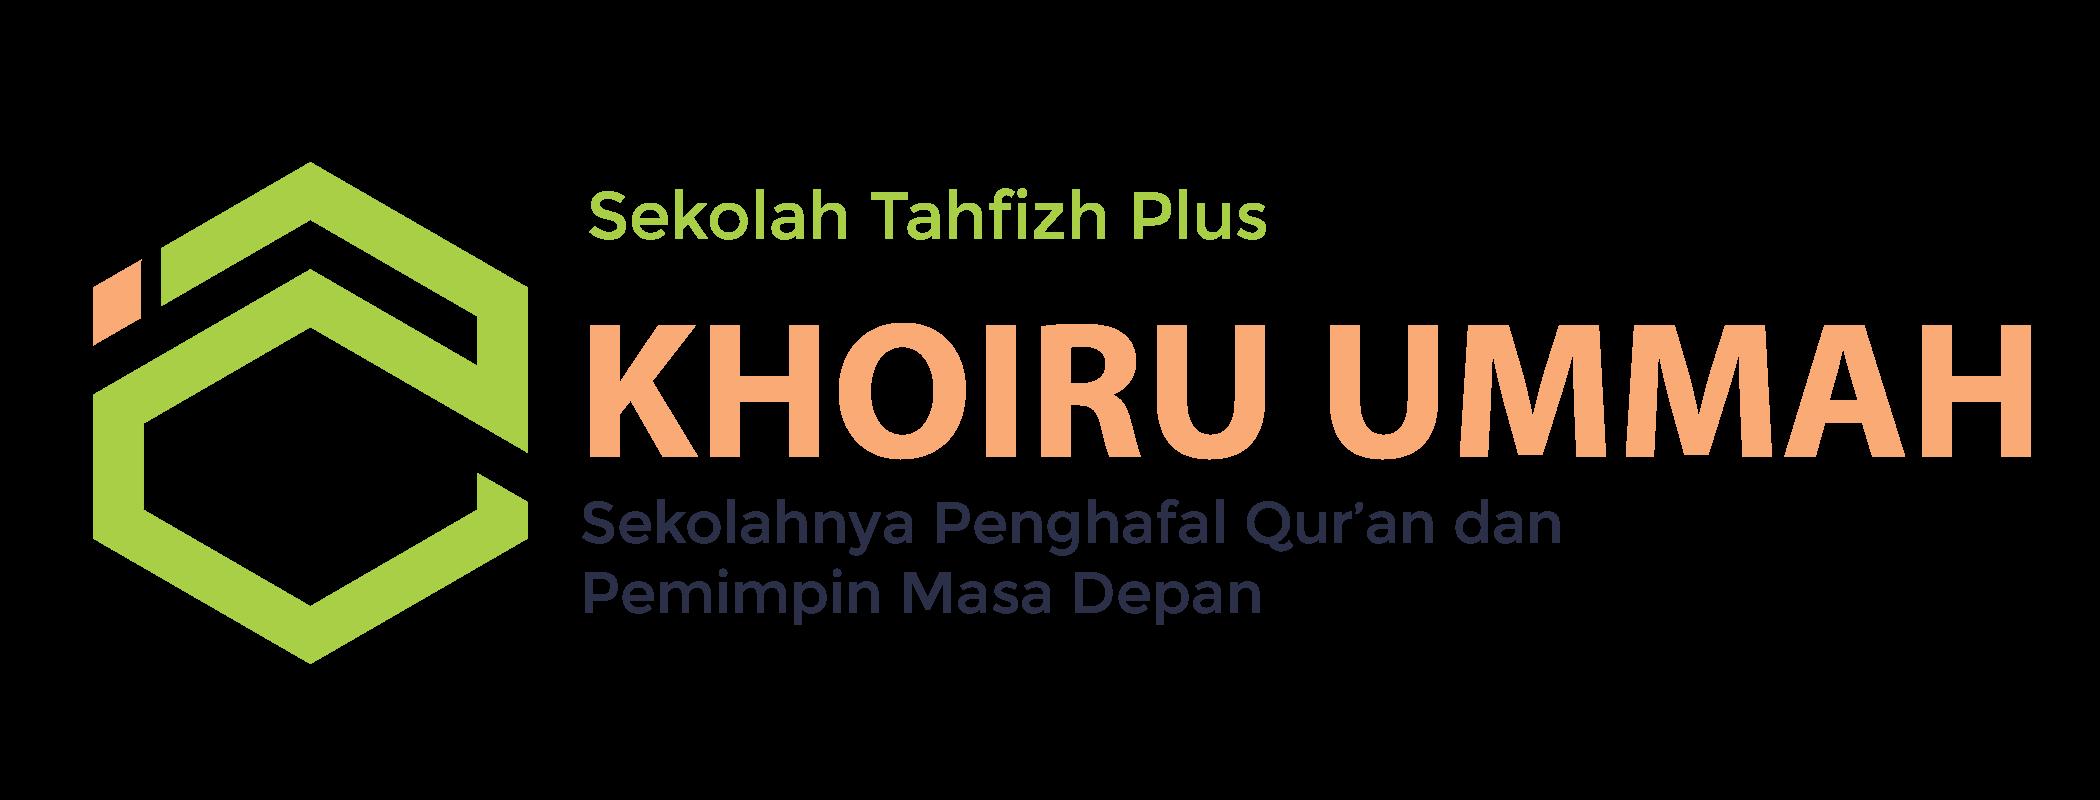 Sekolah Tahfizh Plus Khoiru Ummah Cabang